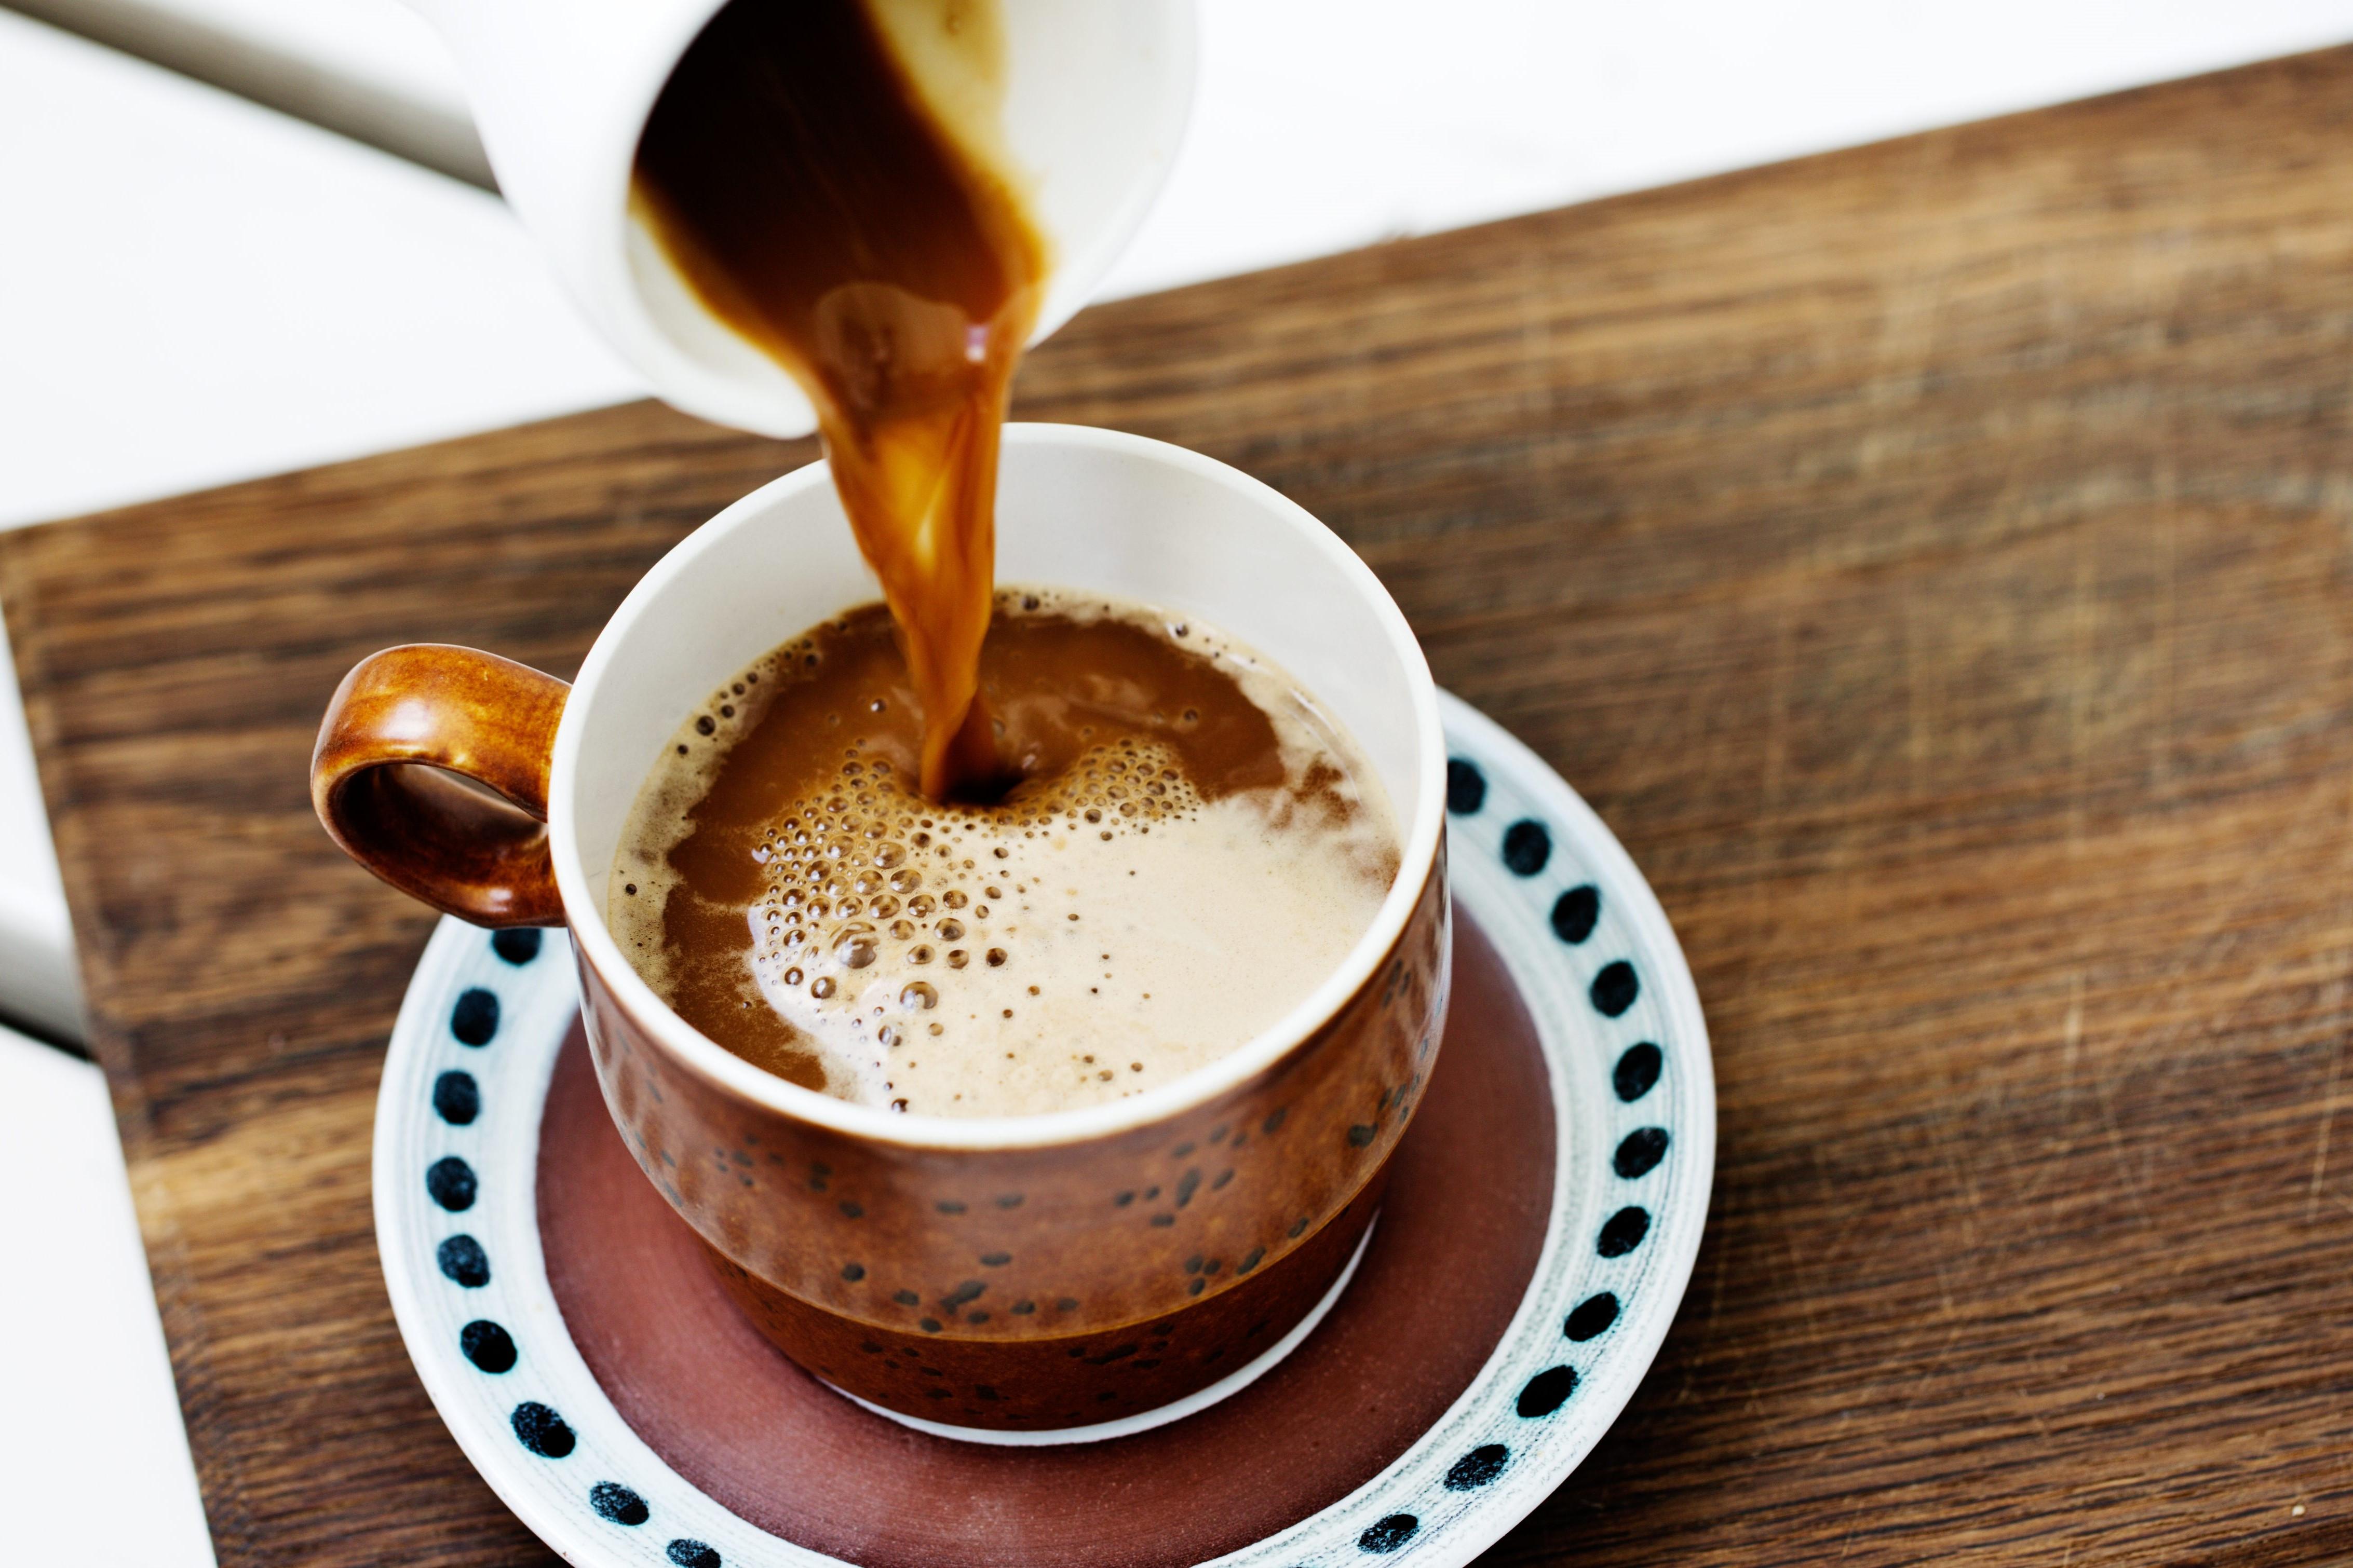 Bien qu'il ait été diabolisé dans le passé, le café est en fait très sain et l'une des plus grandes sources d'antioxydants alimentaires. Glucides: zéro.